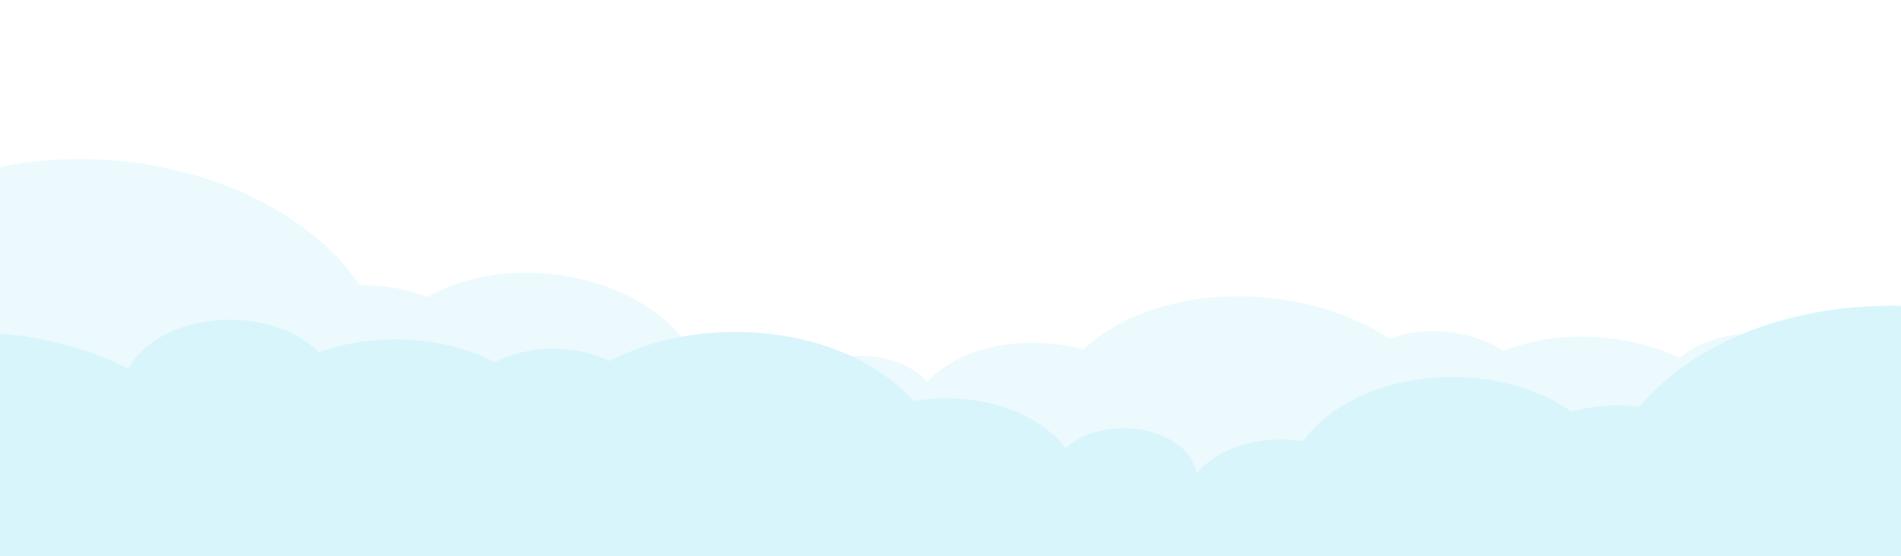 Blue-Castle-Cloud-Background-2.png